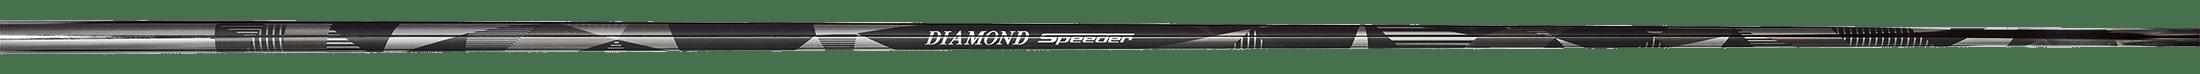 2018 Diamond Speeder, Speeder Diamond, Fujikura Diamond